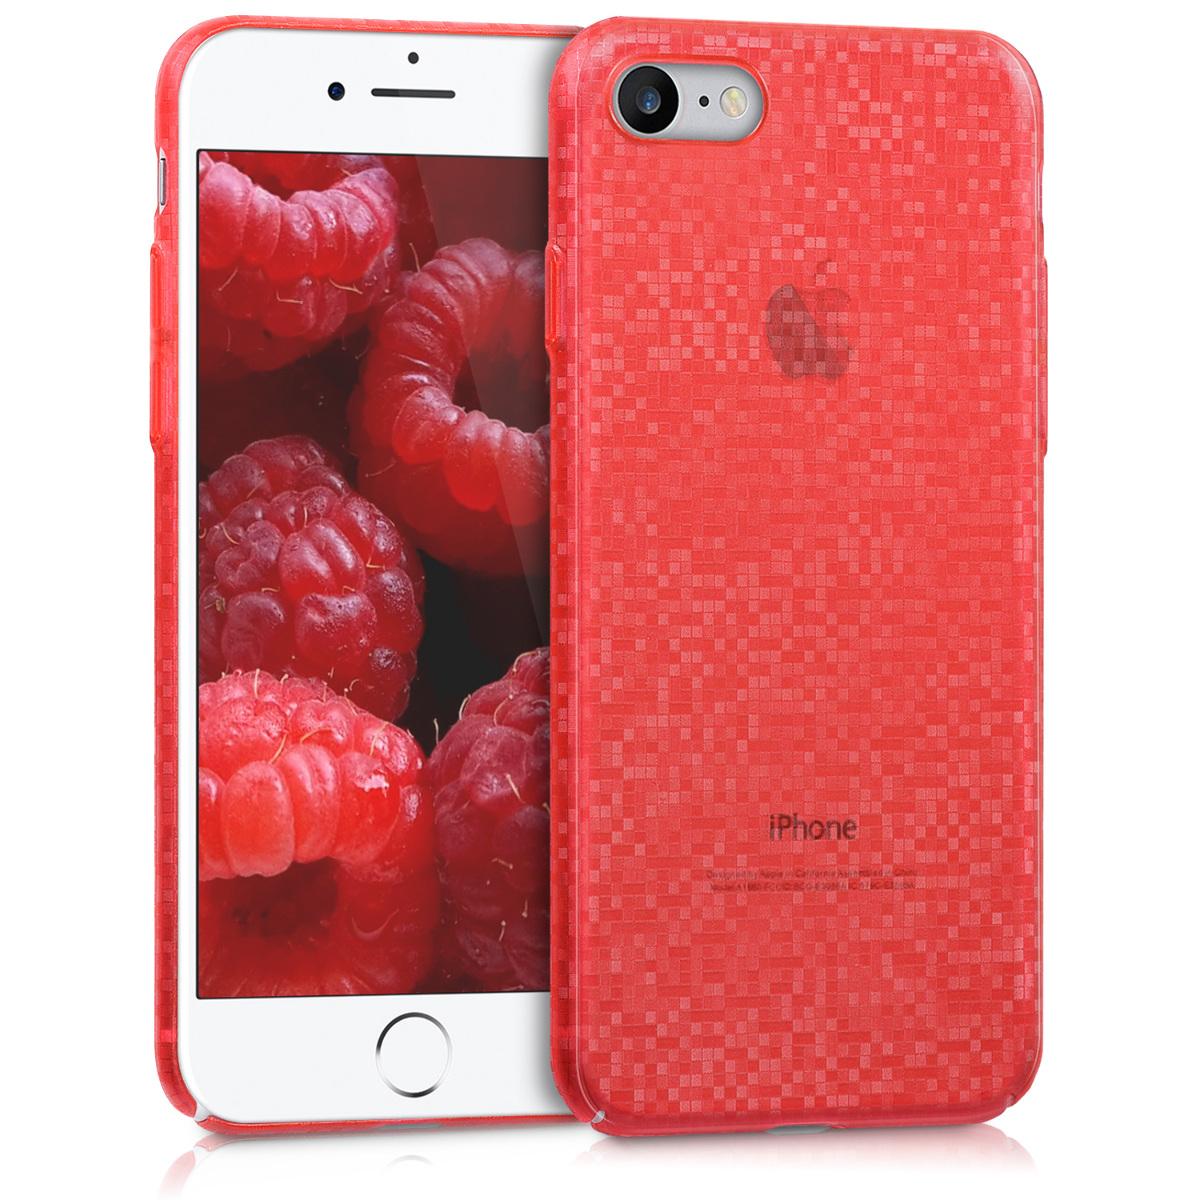 Kvalitní plastové pouzdro pro Apple iPhone 7 / 8 / SE  - Mosaic Glitter červená | Transparent